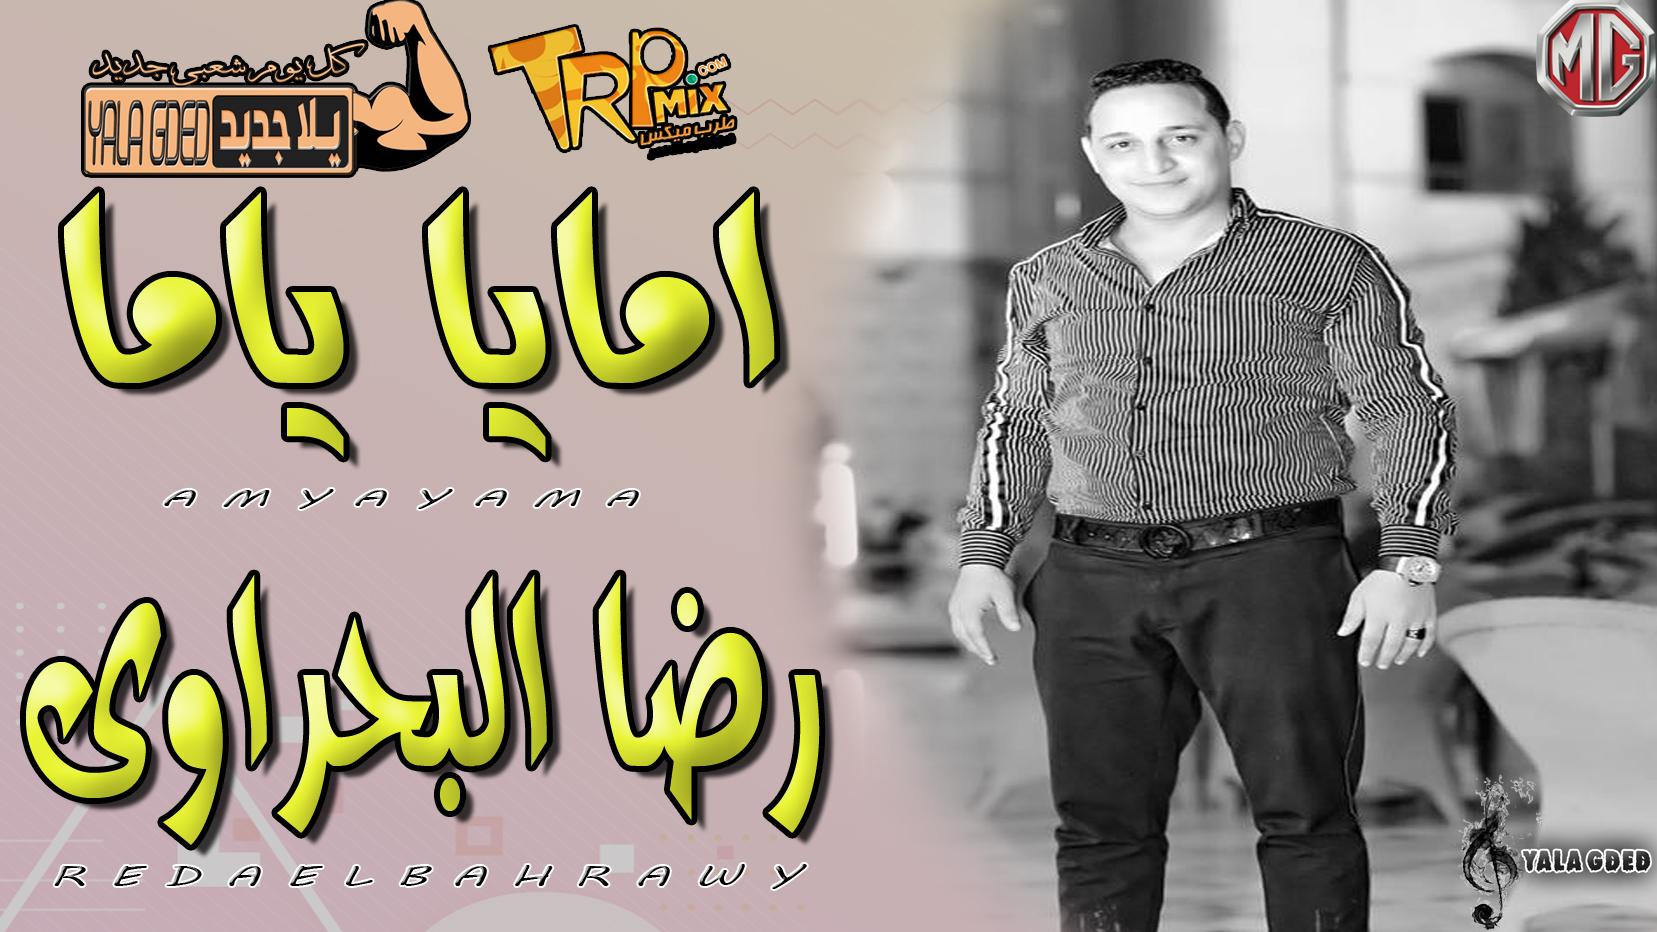 امايا ياما جديد لانج 2019 | رضا البحراوى | حظ السنين | جديد2019